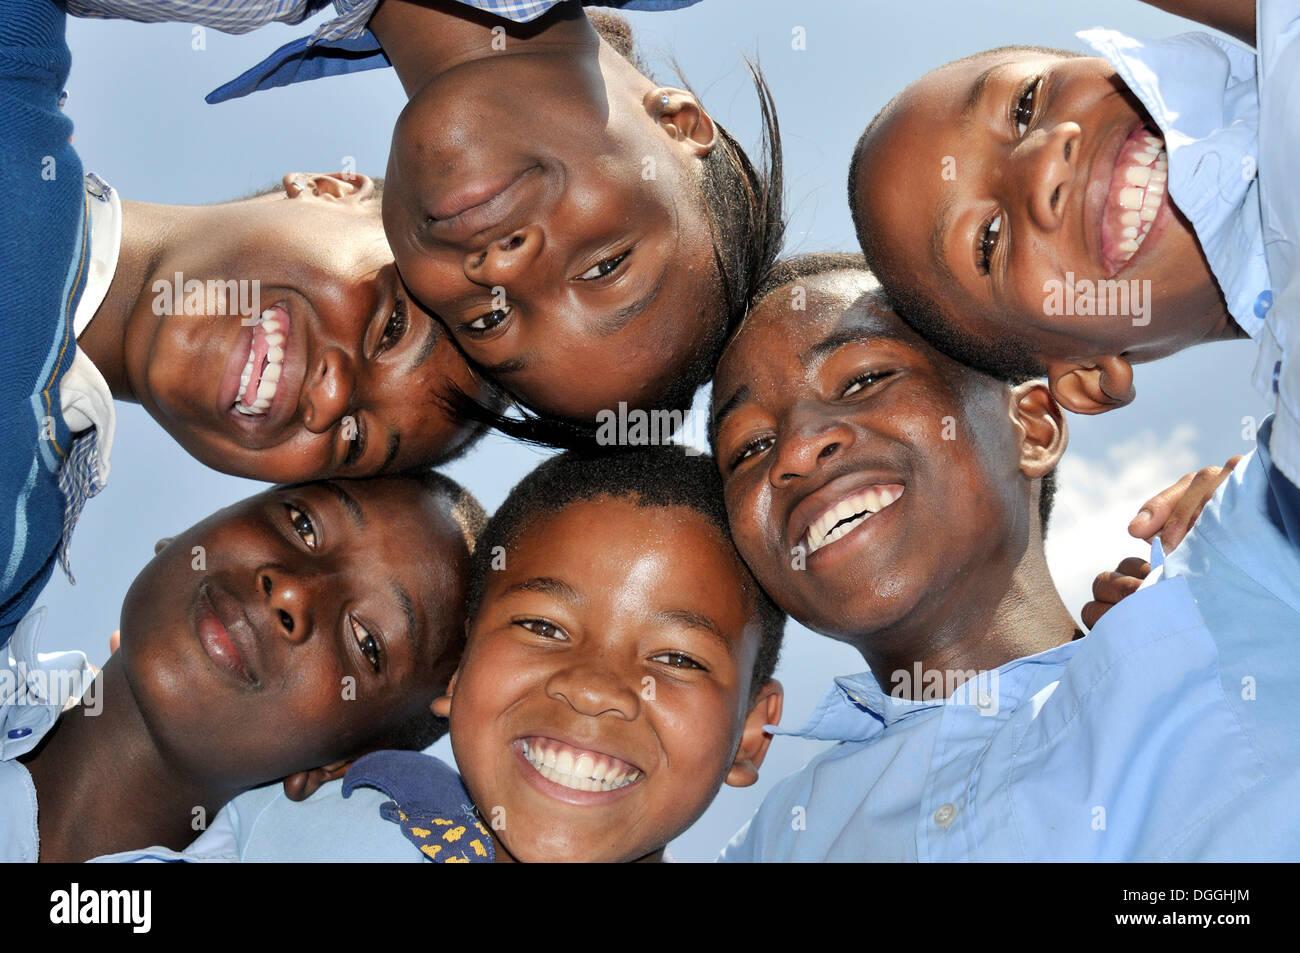 Los niños africanos, de pie, con sus cabezas en un círculo, en Johannesburgo, Sudáfrica, África Imagen De Stock